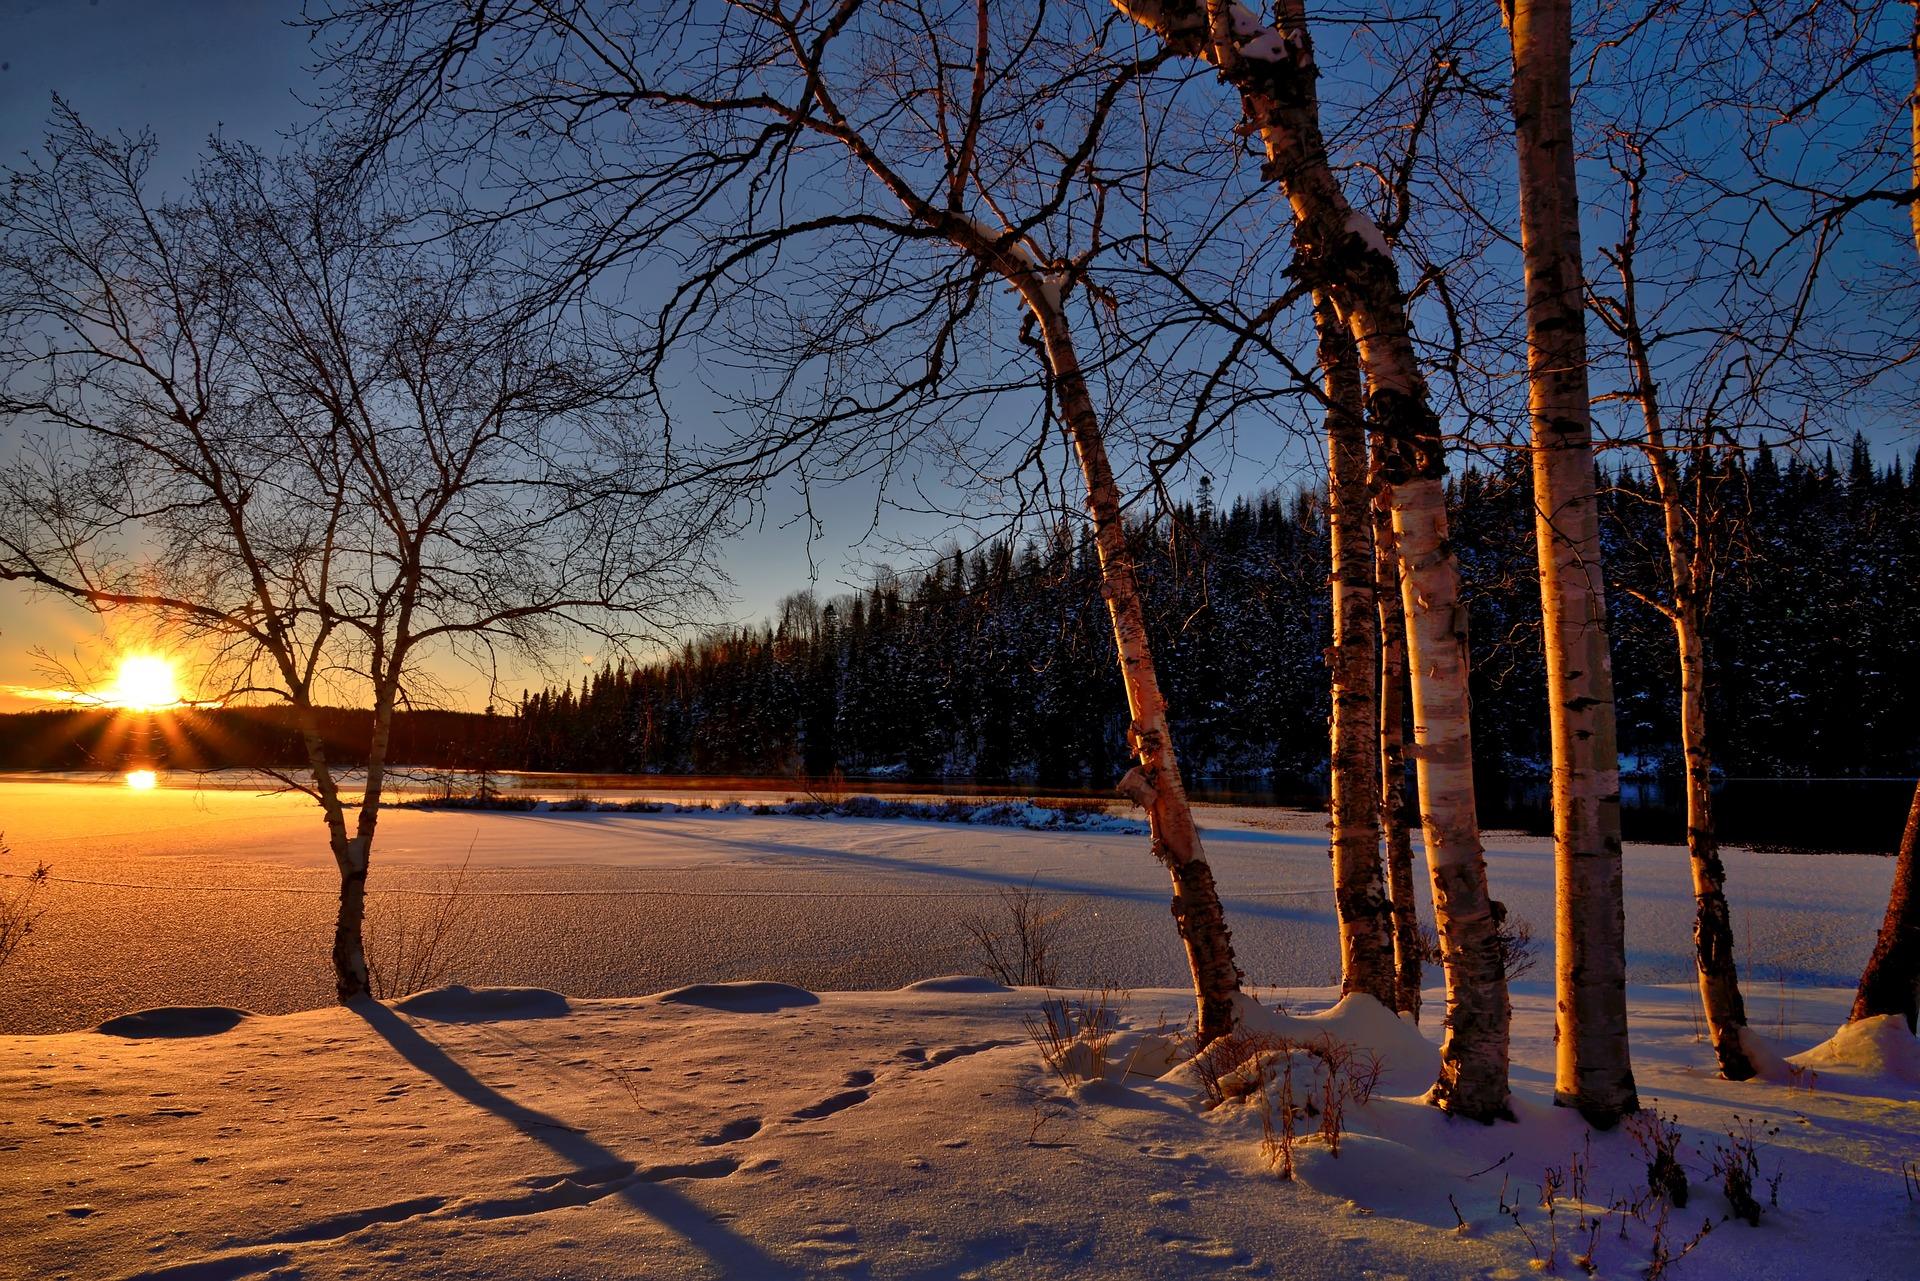 Lac Marco - terrain en hiver